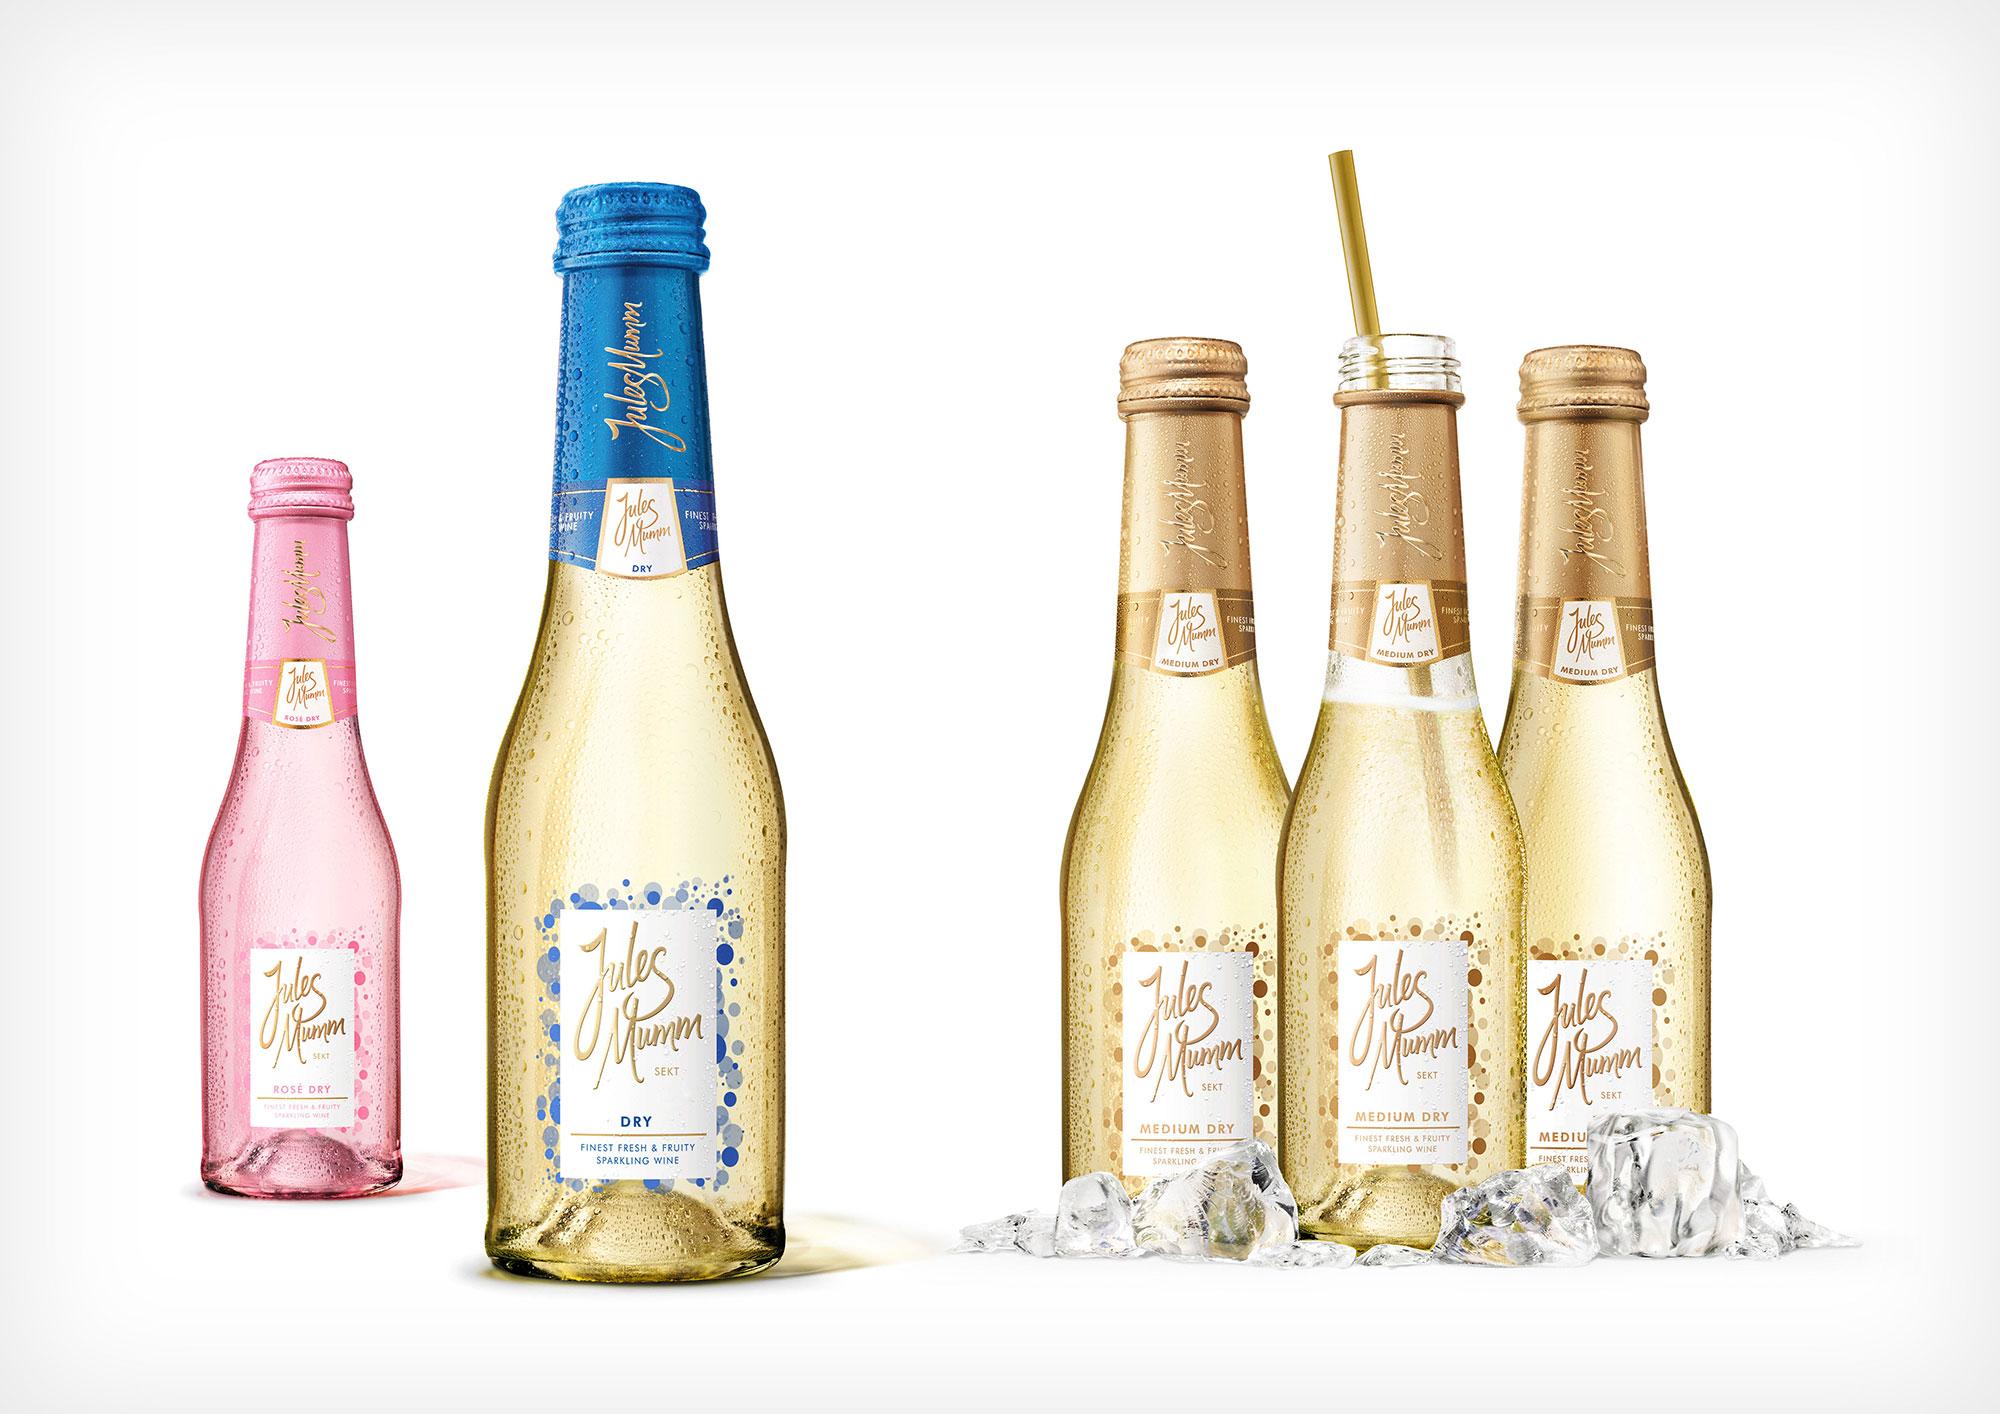 Still life Photographie Fotografie Studio Jules Mumm Liquids Sekt Piccolos Flasche Glas Betauung Eiswürfel Idris Kolodziej